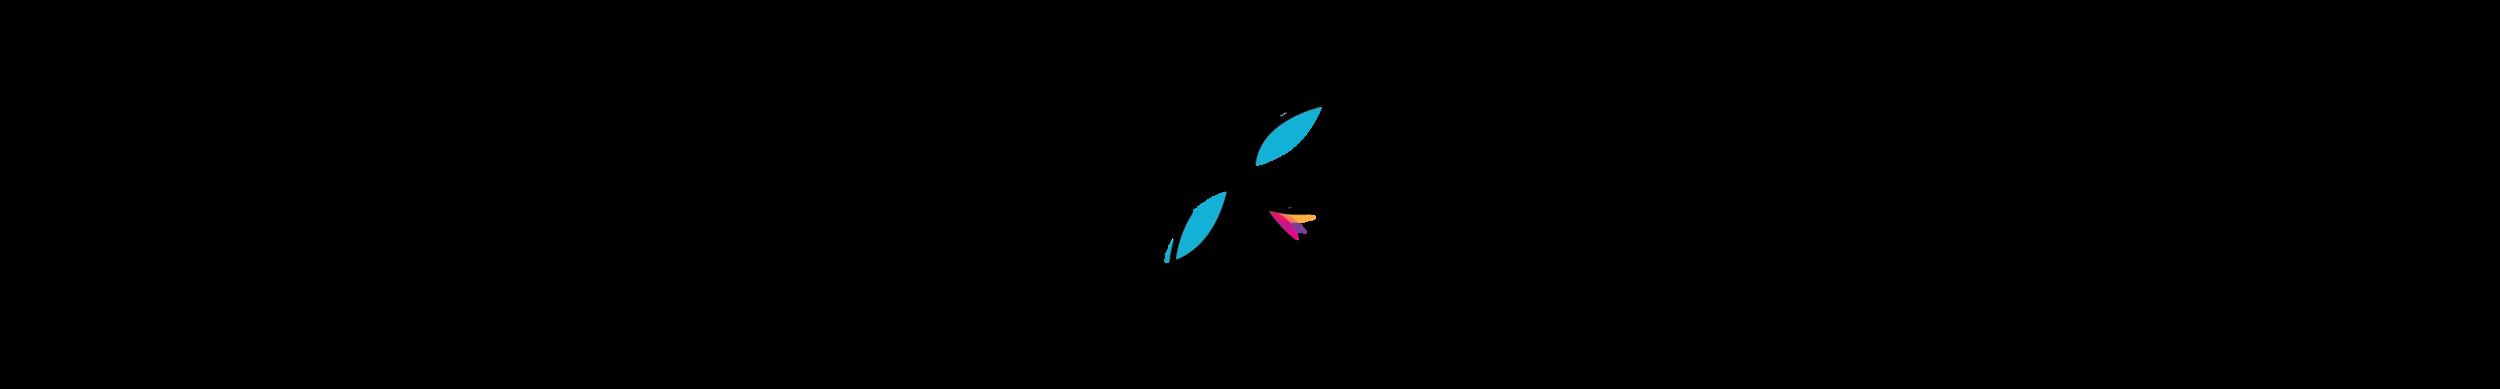 web_SH_logo-06.png